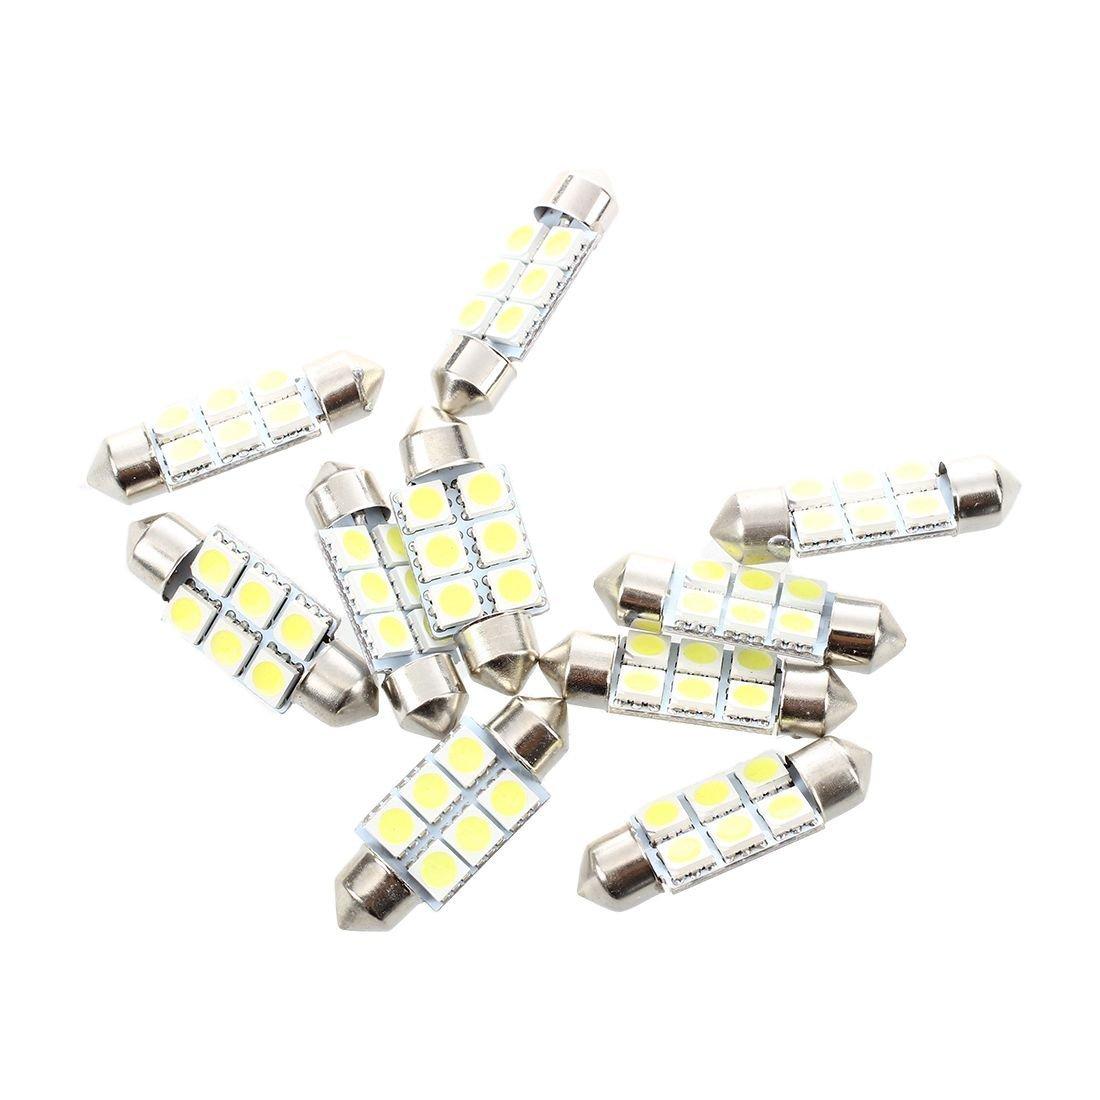 TOOGOO(R) 10 Pcs 36 mm avec 6 SMD LEDs Blanc Dome Feston Lumiere Voiture Interieur Ampoule LED Blanc Dome Feston de Voiture Interieur Lampe Ampoule 035094A1